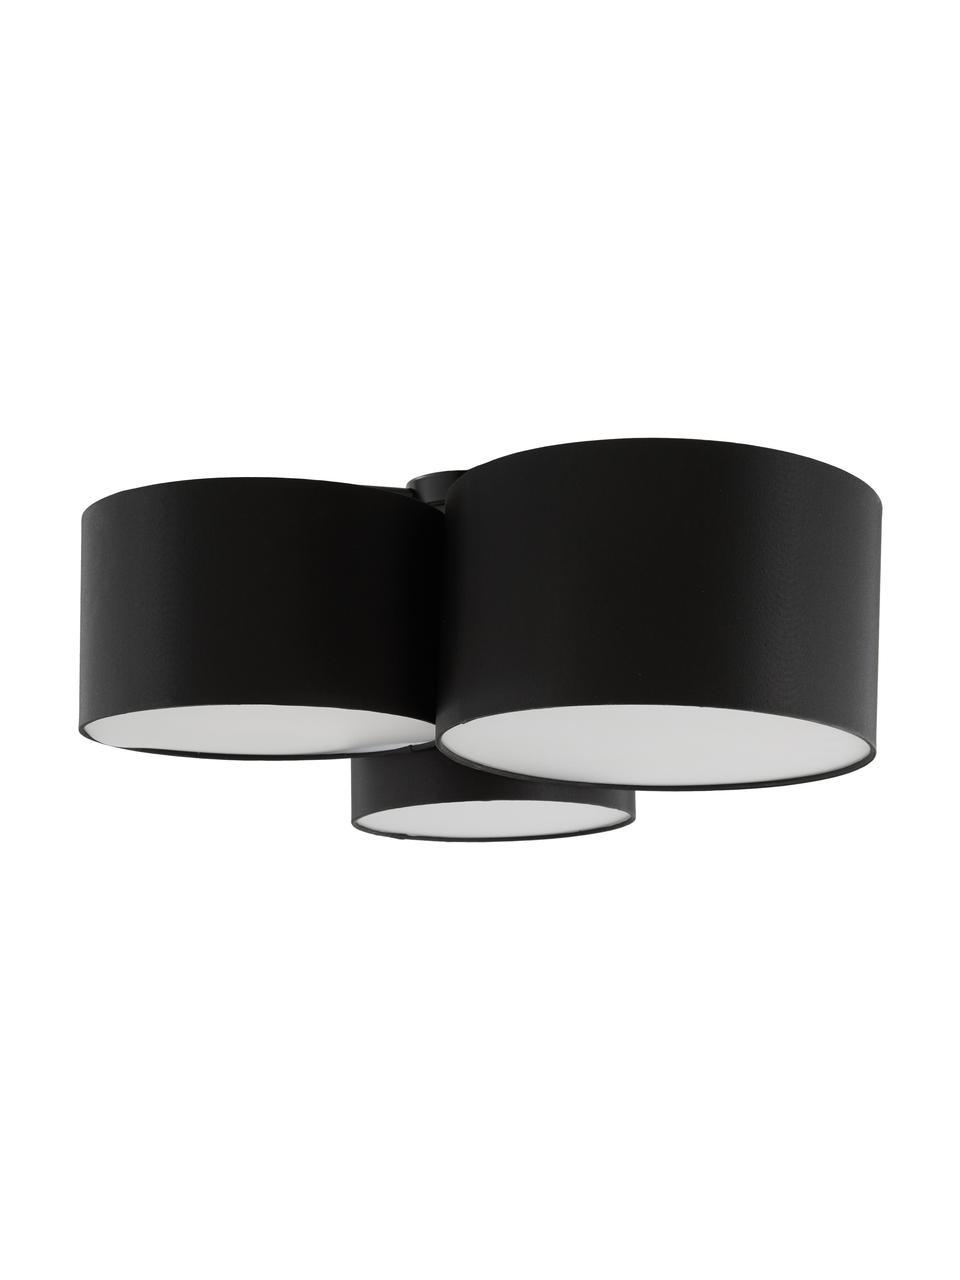 Duża lampa sufitowa Luke, Czarny, Ø 61 x W 26 cm